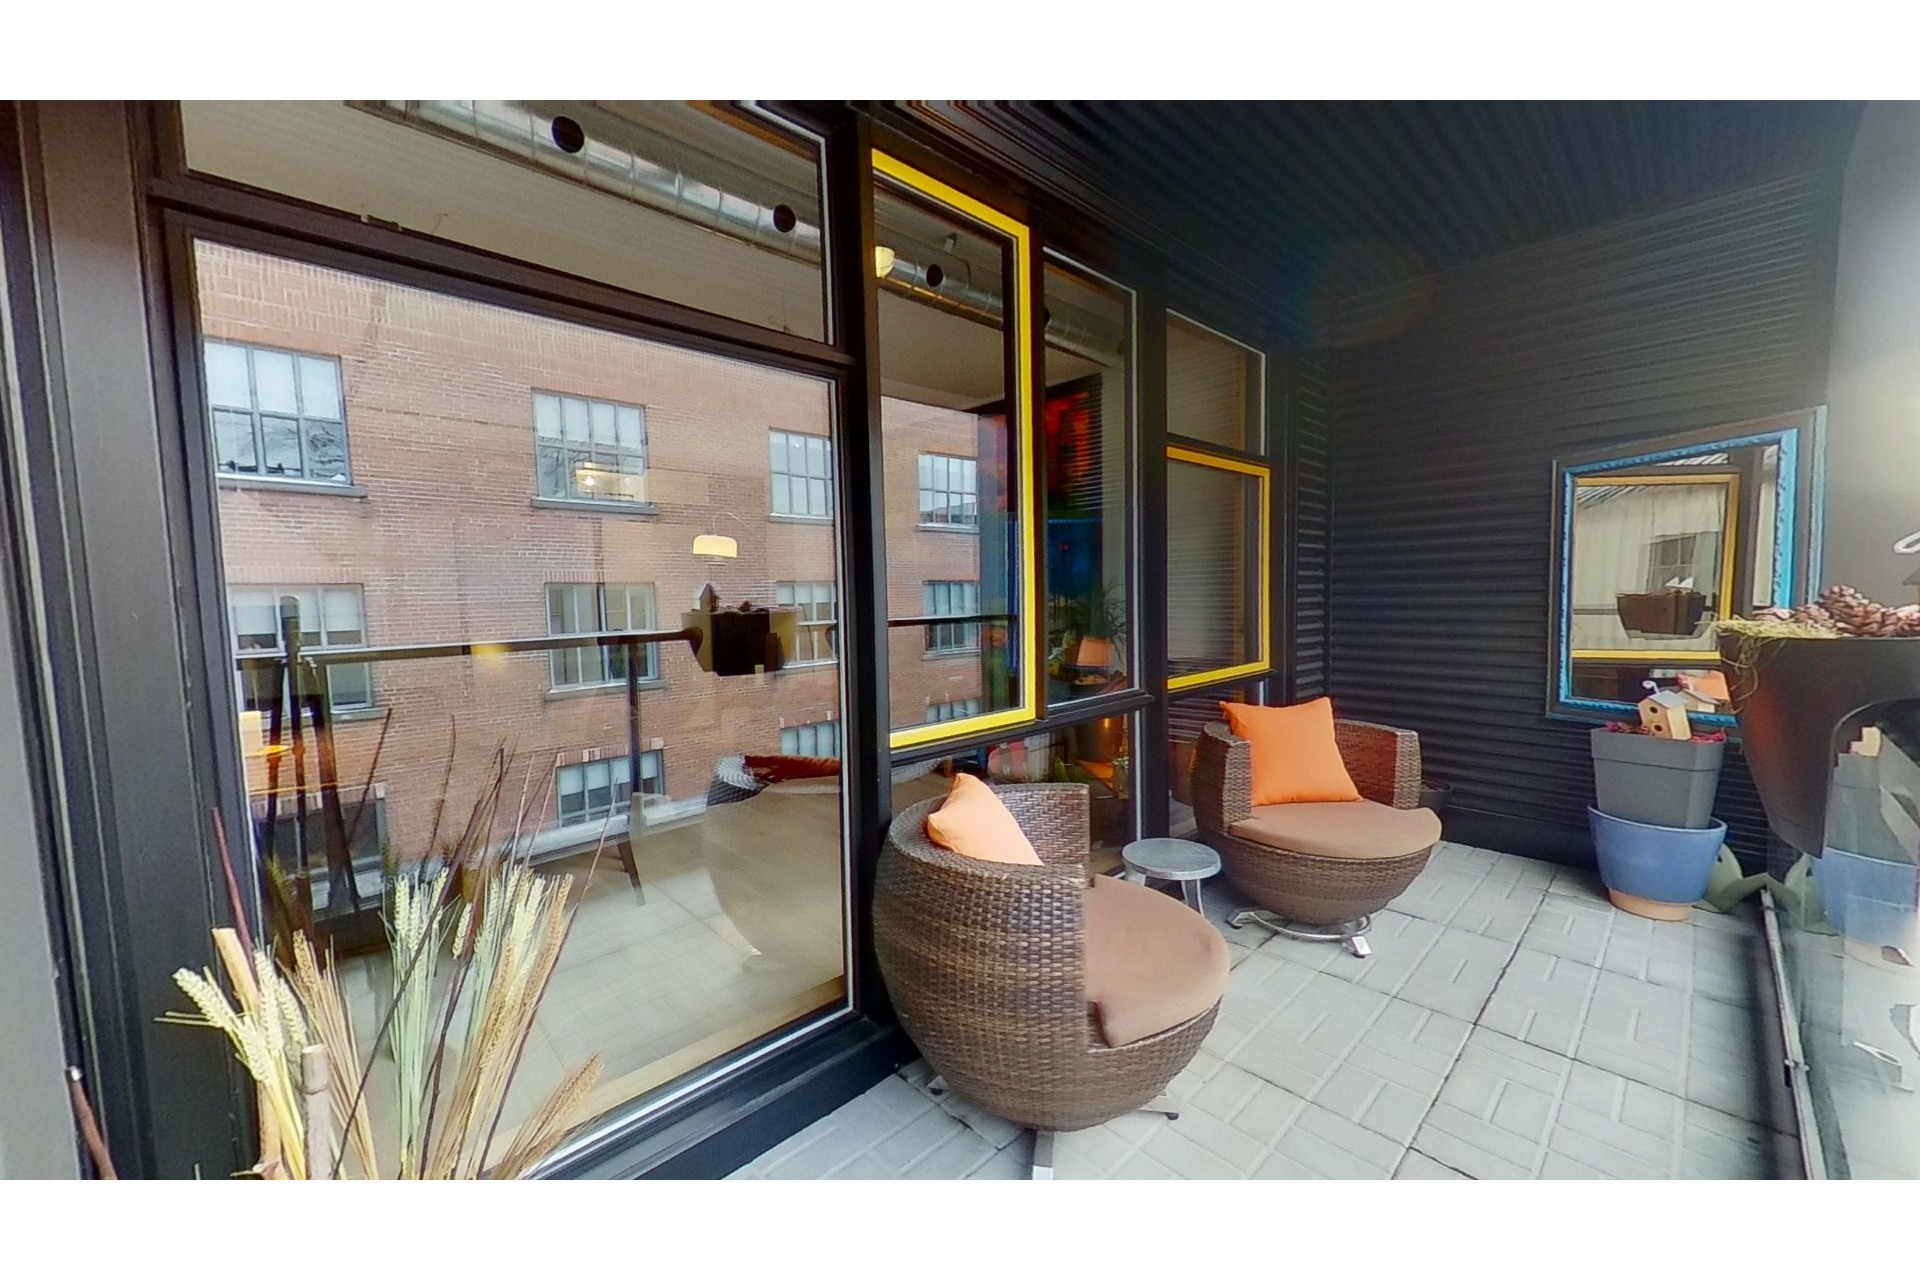 image 27 - Apartment For sale Ville-Marie Montréal  - 5 rooms